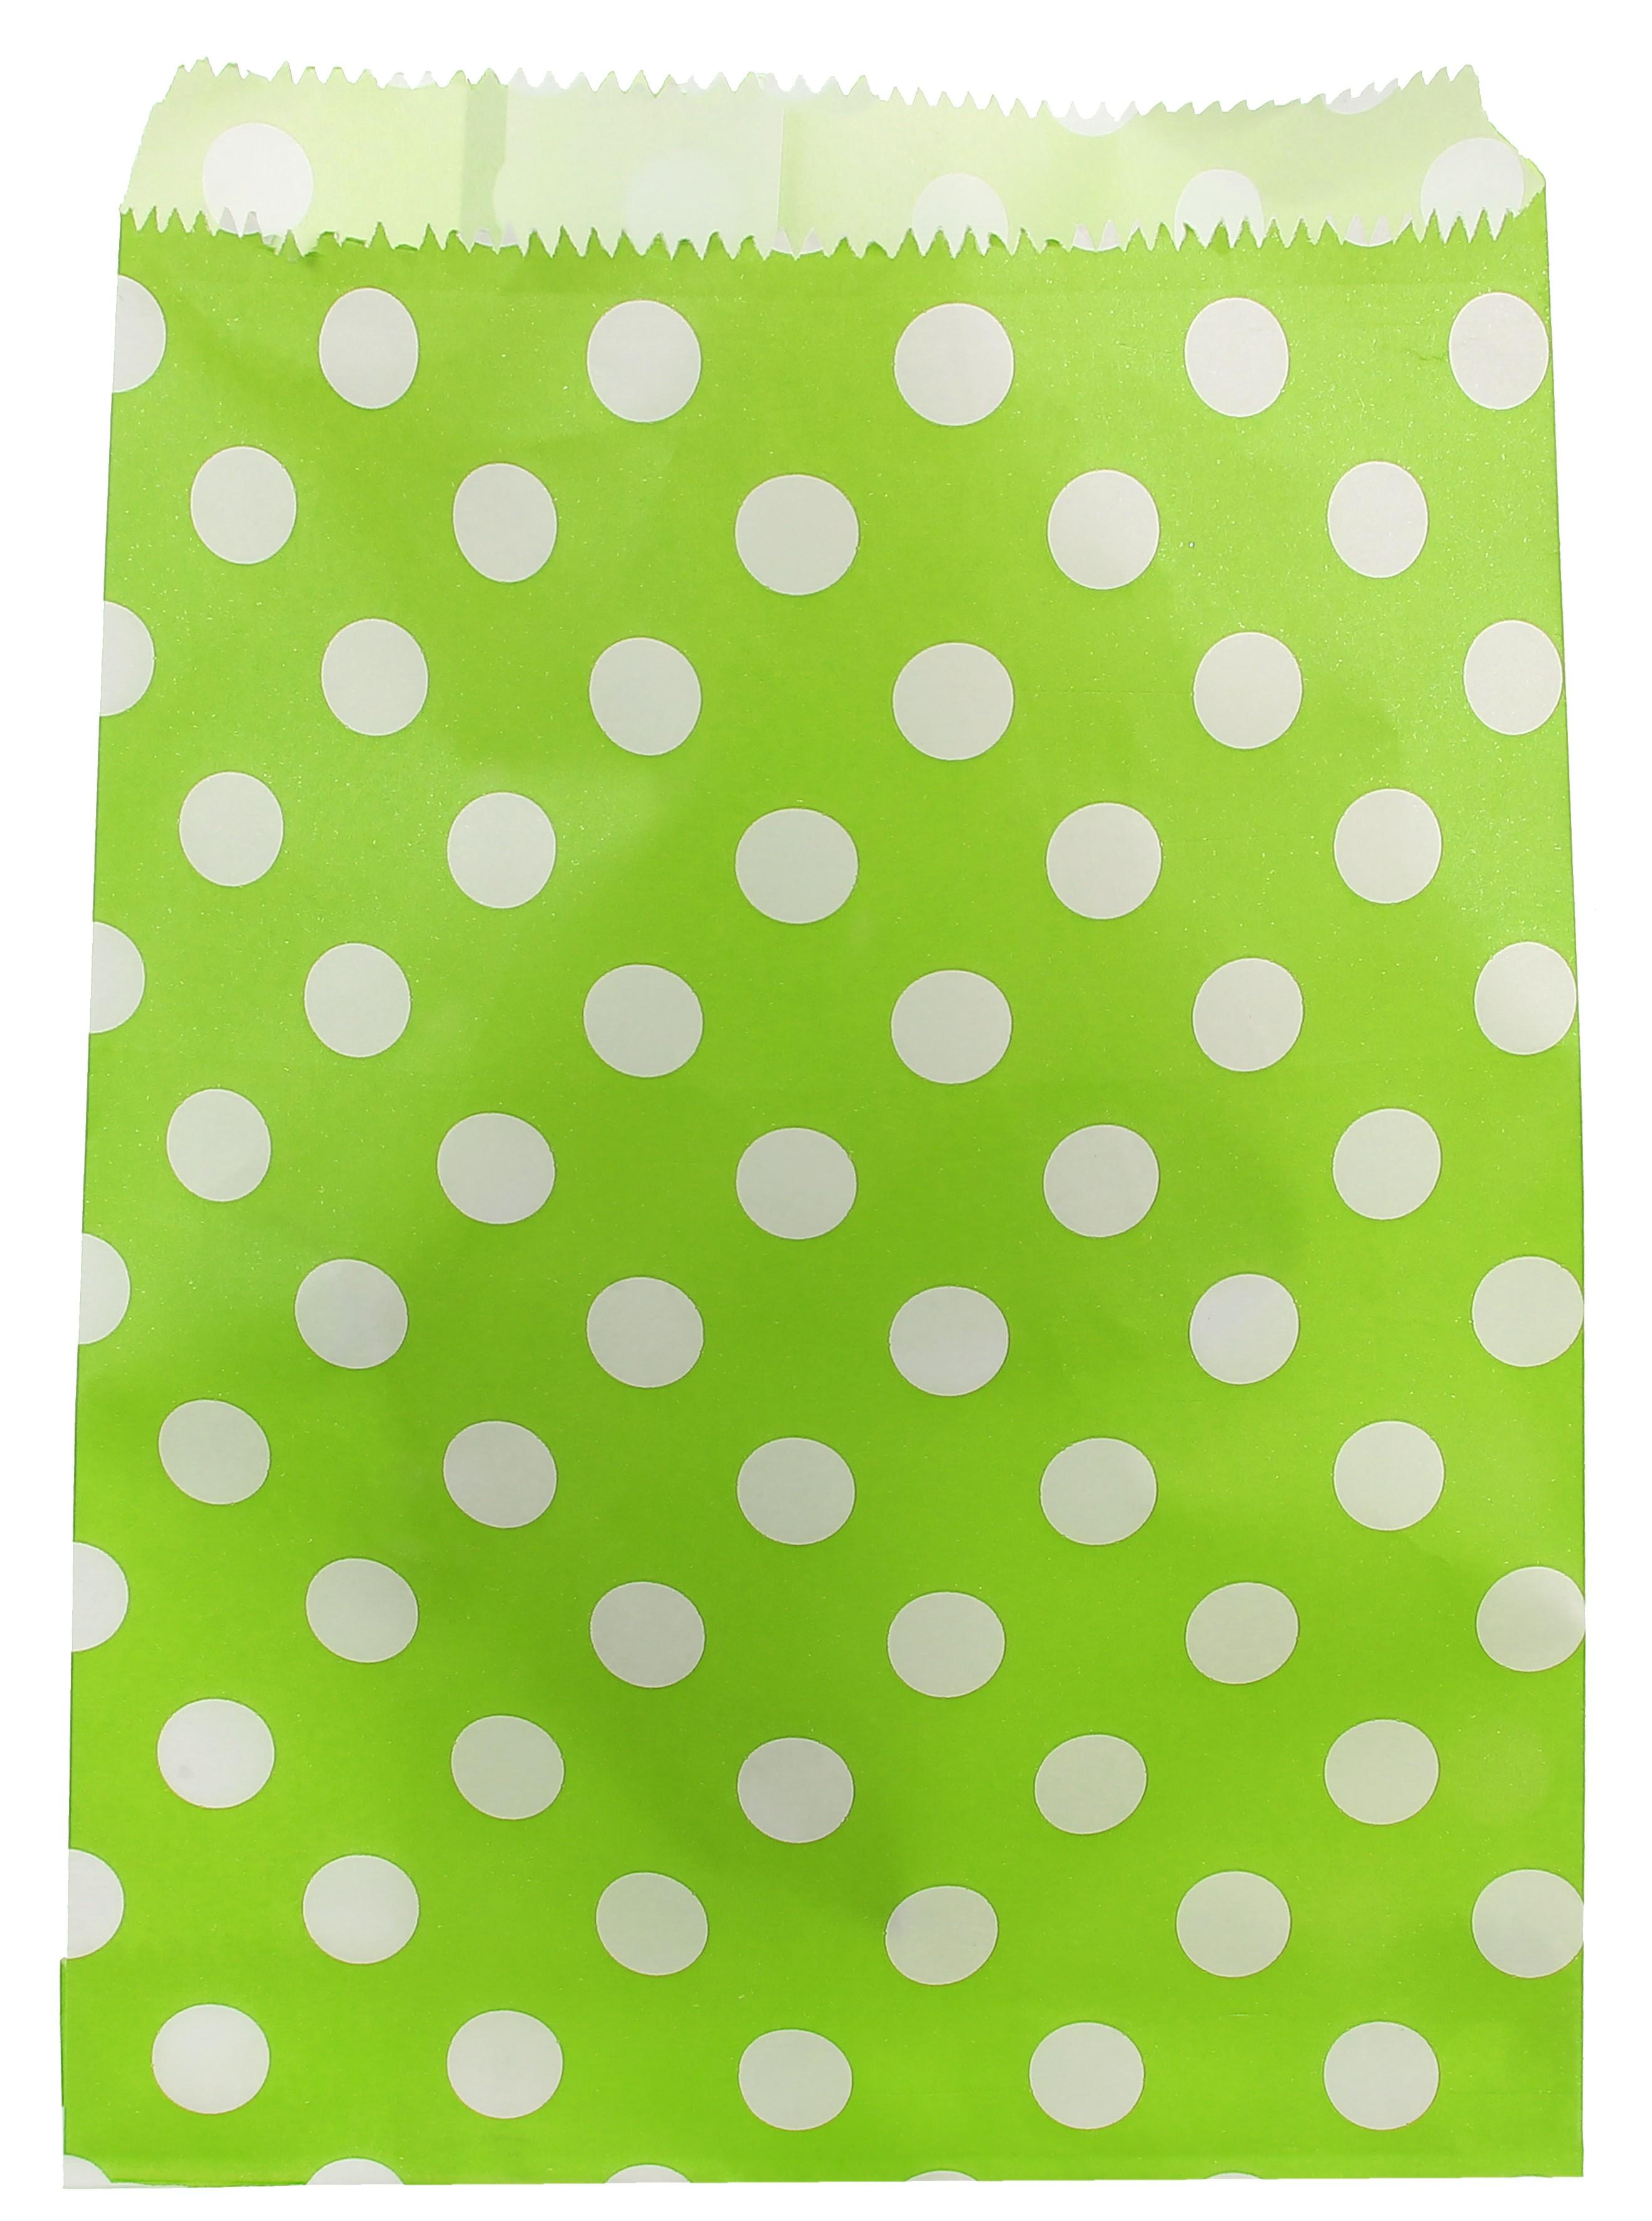 Billede af Lime papir slikpose med prikker - 24 Stk